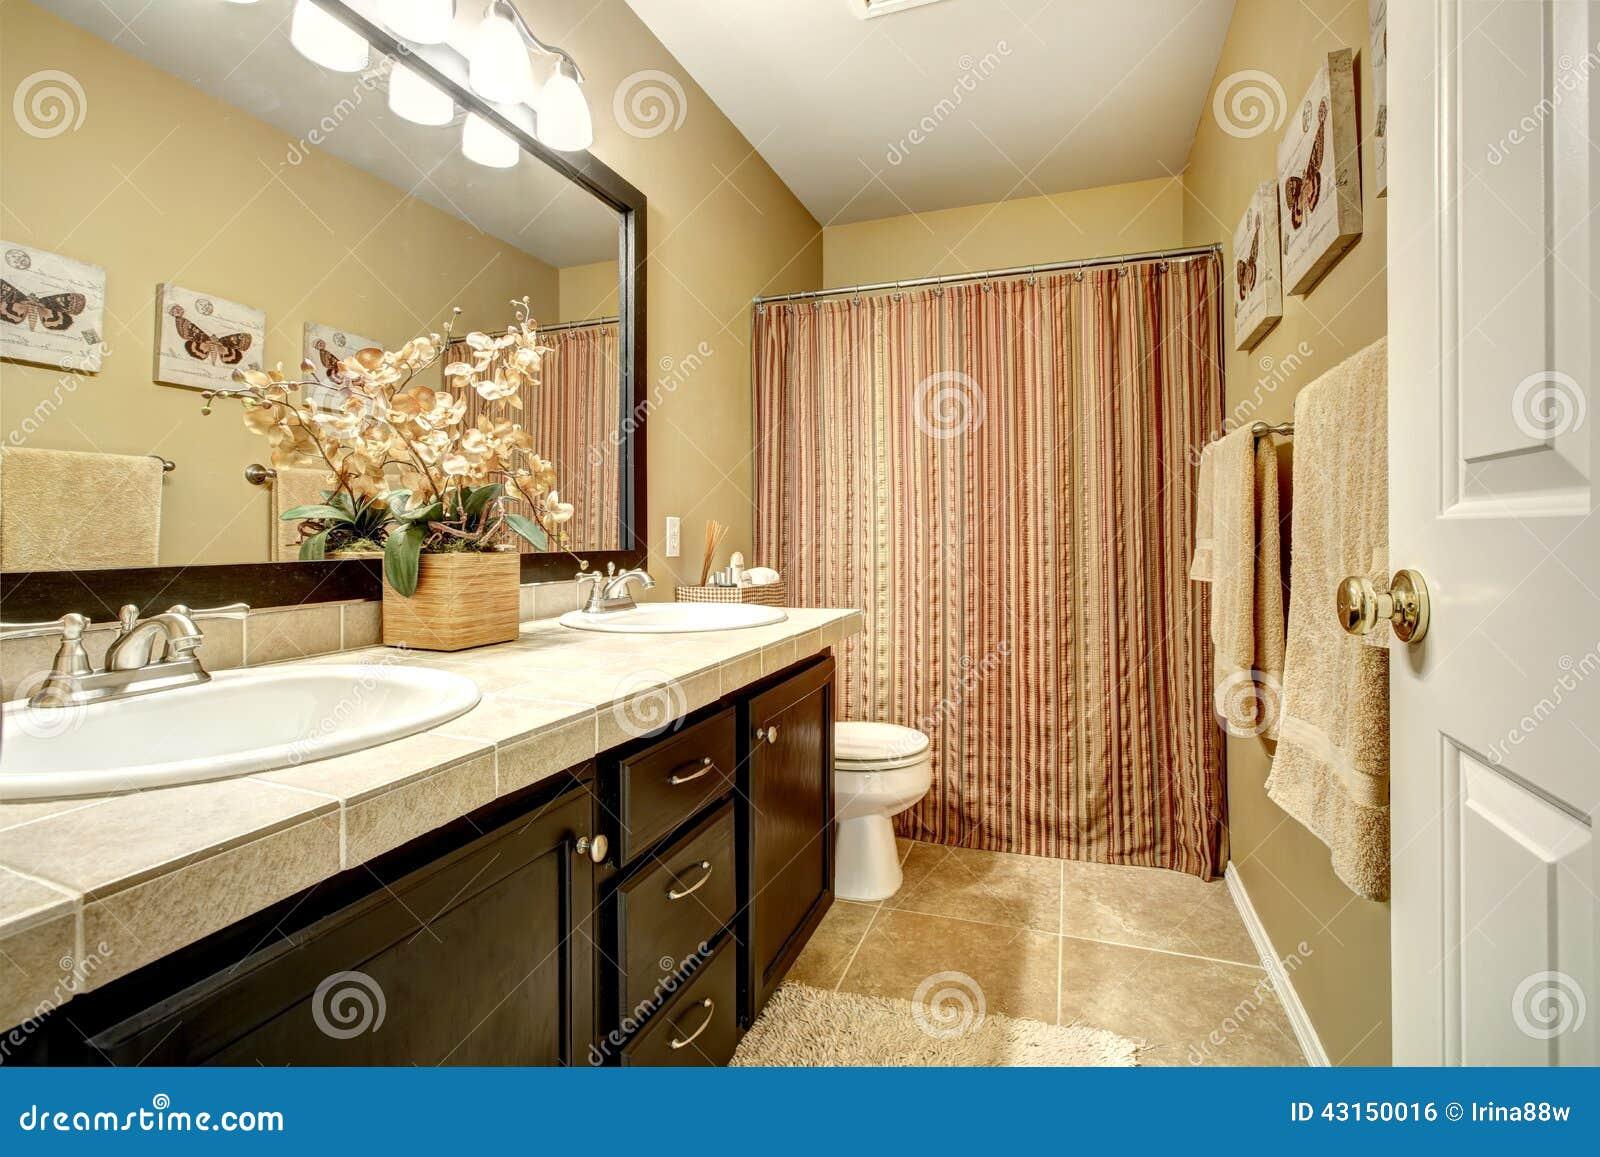 Gabinetes De Baño Pr:de baño con el gabinete de la vanidad del marrón oscuro, el suelo de